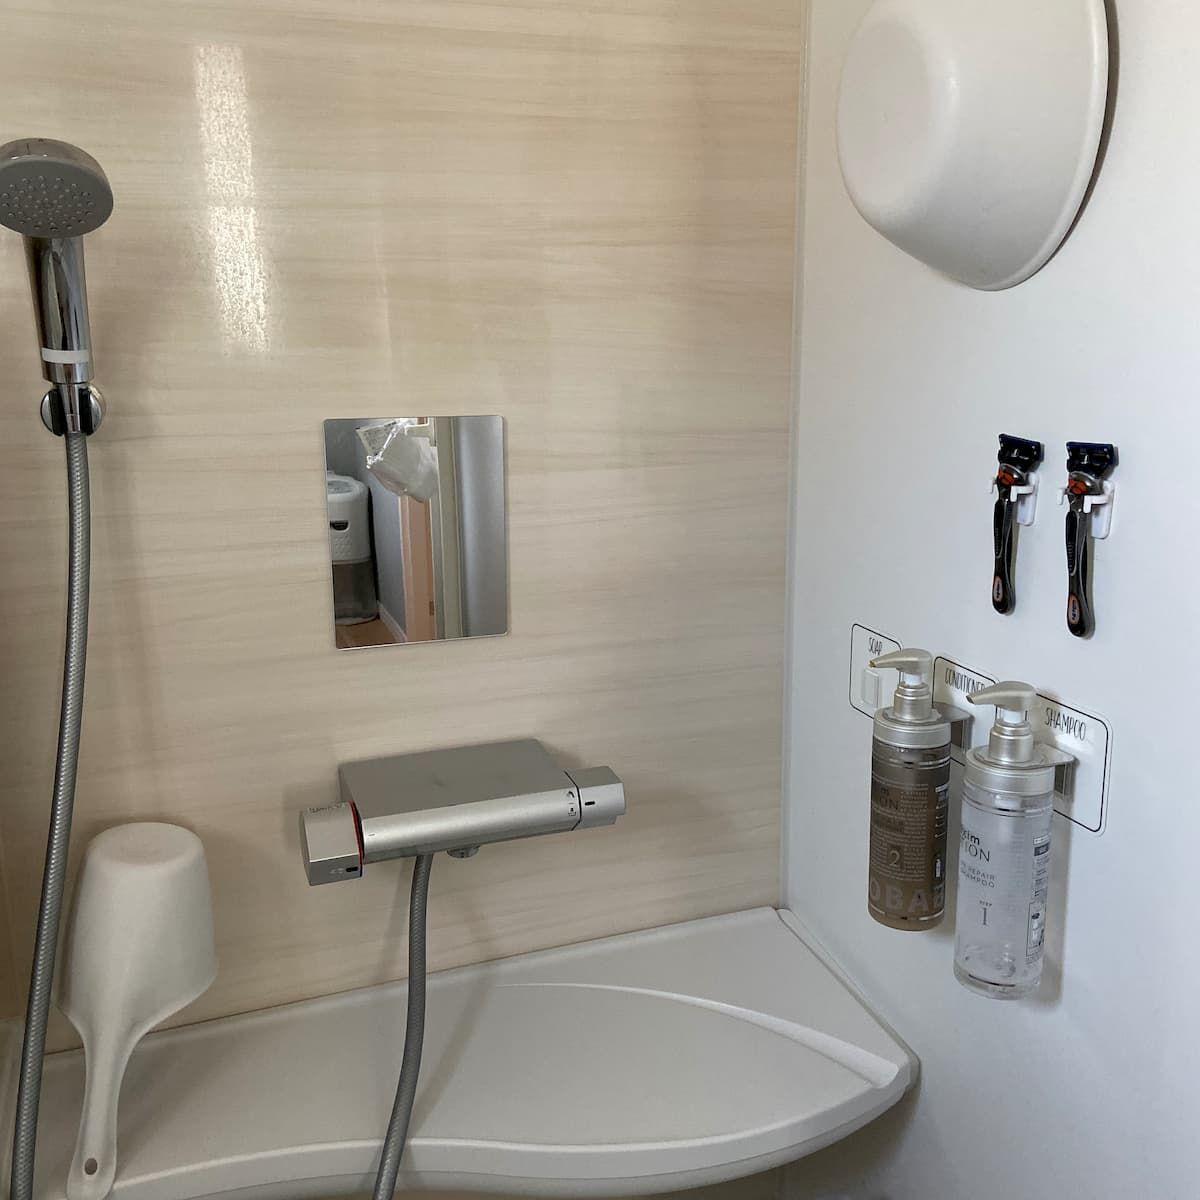 少し前に 浴室のボトル収納について書きました ボトルや洗面器等の